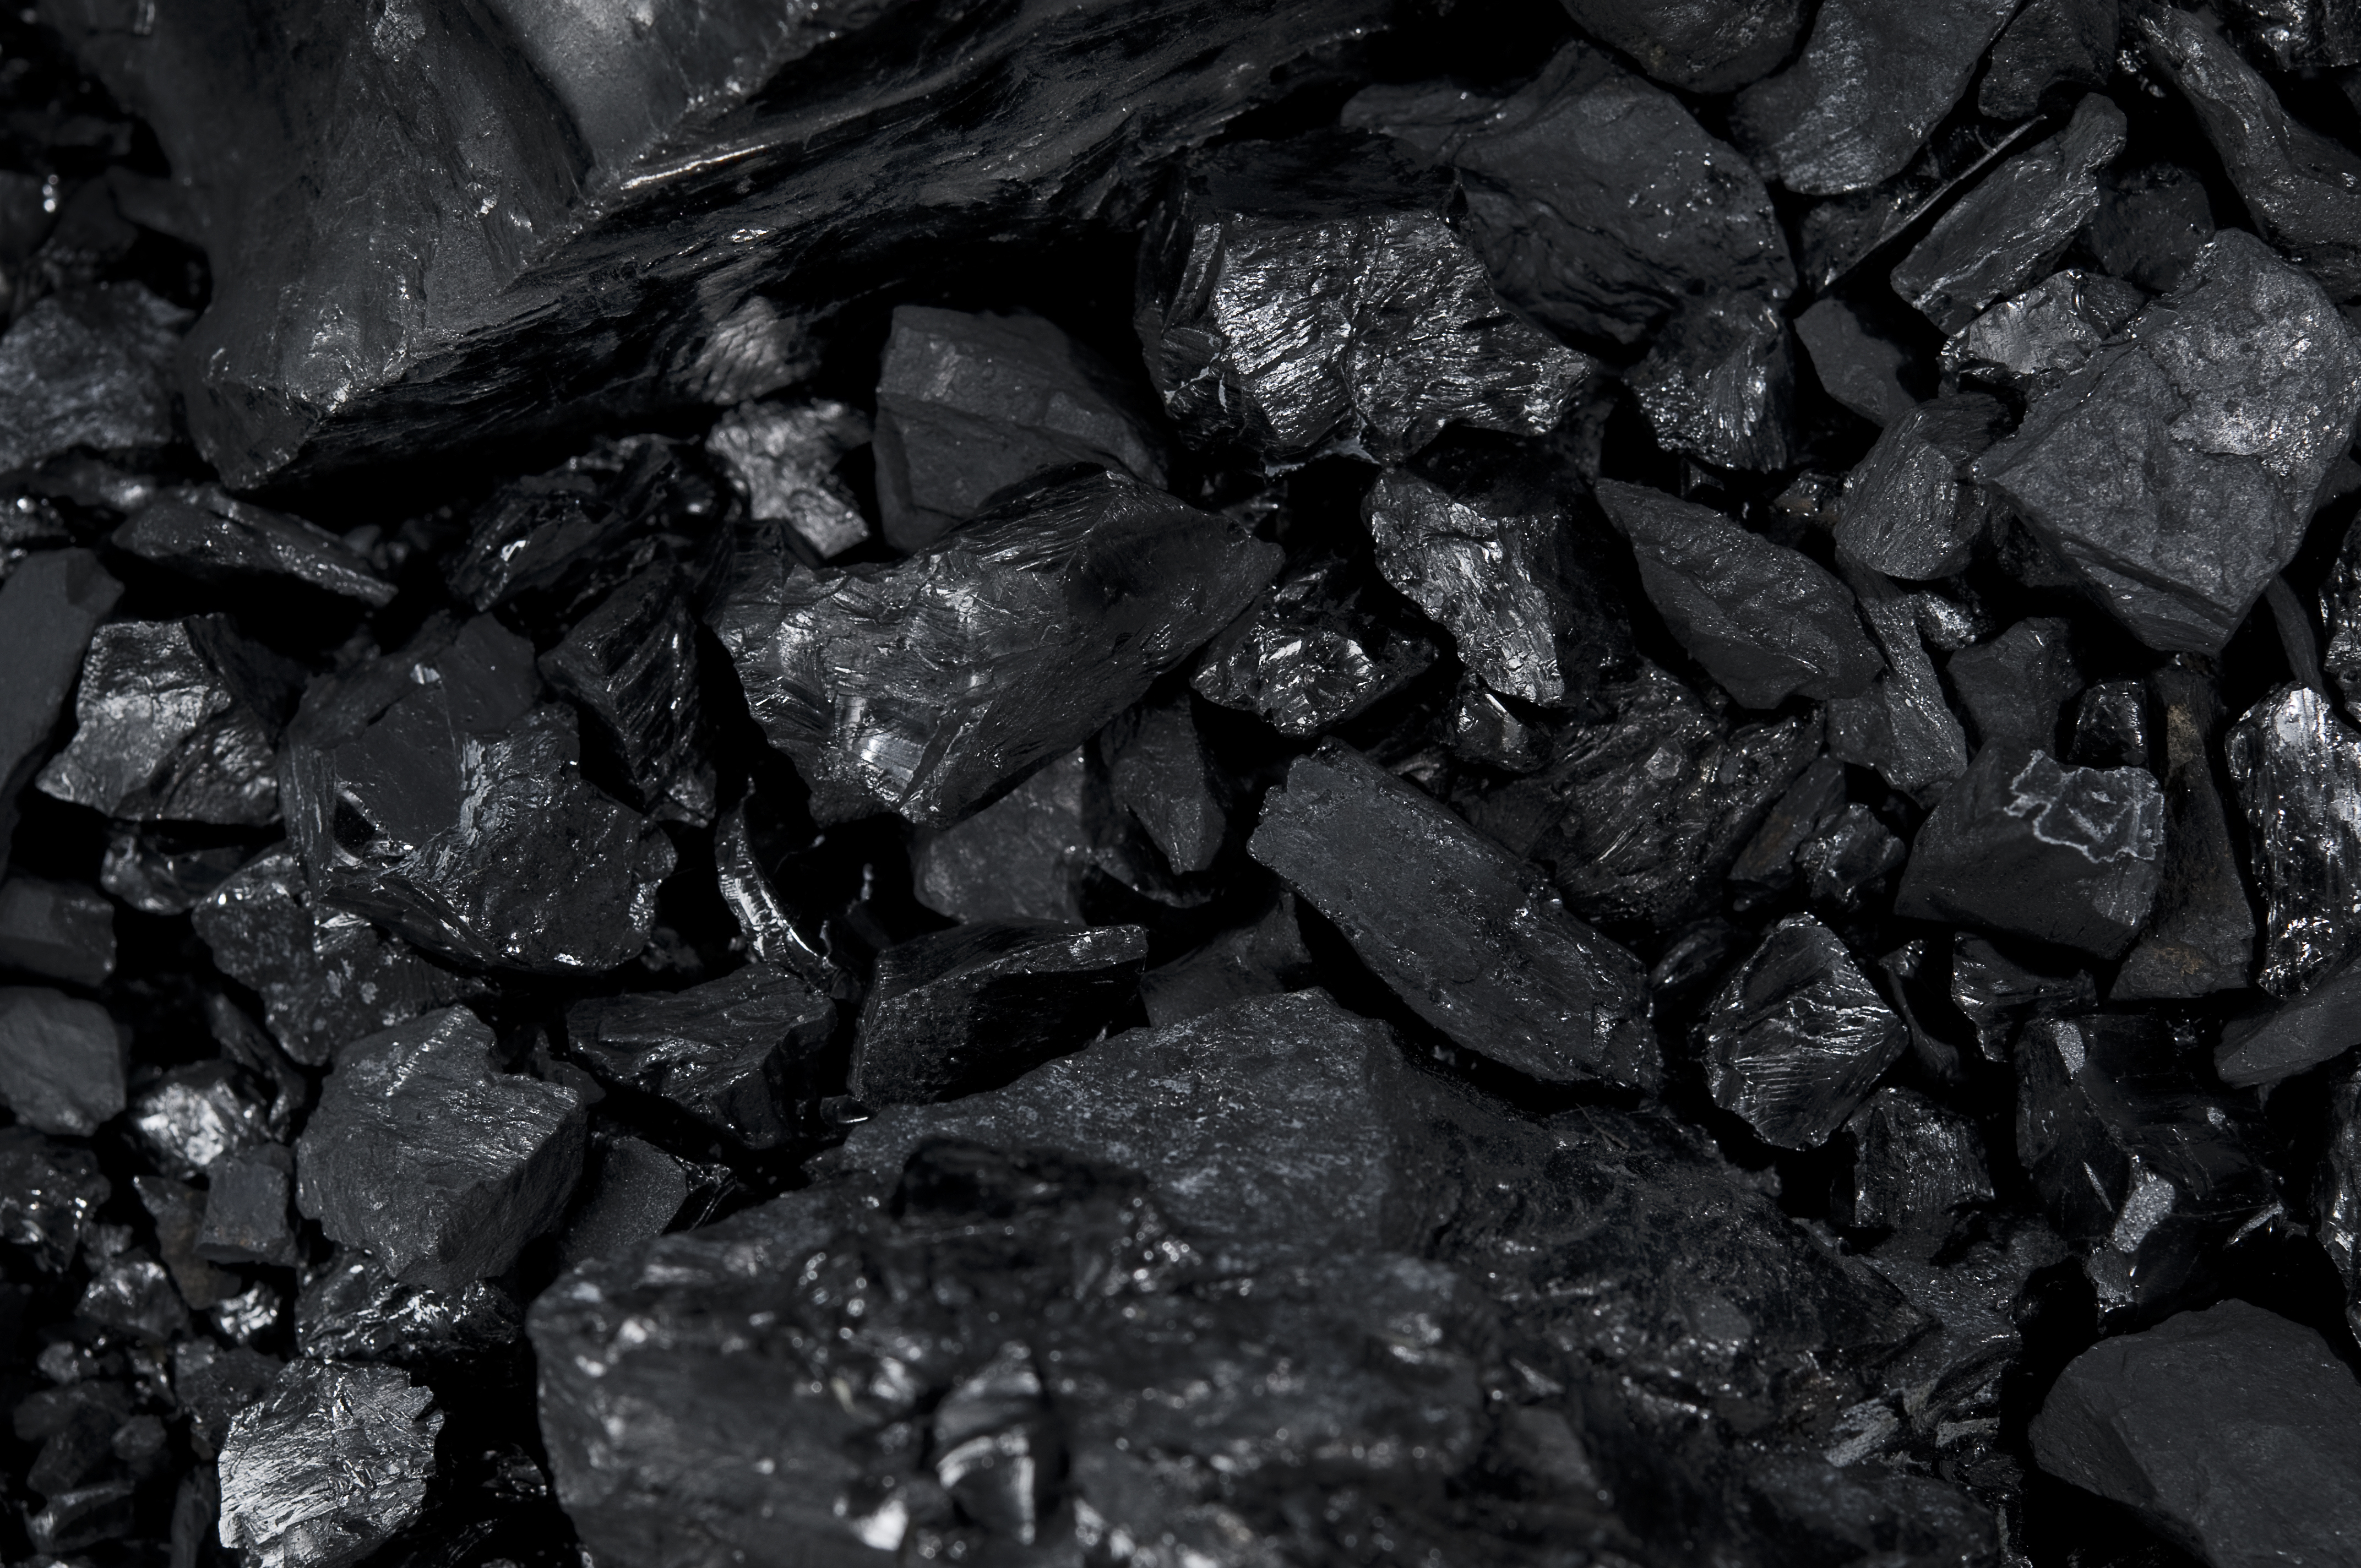 Каменный уголь: свойства, как образуется и где добывают породу (страны-лидеры), для чего используют, плотность, температура горения, теплоемкость